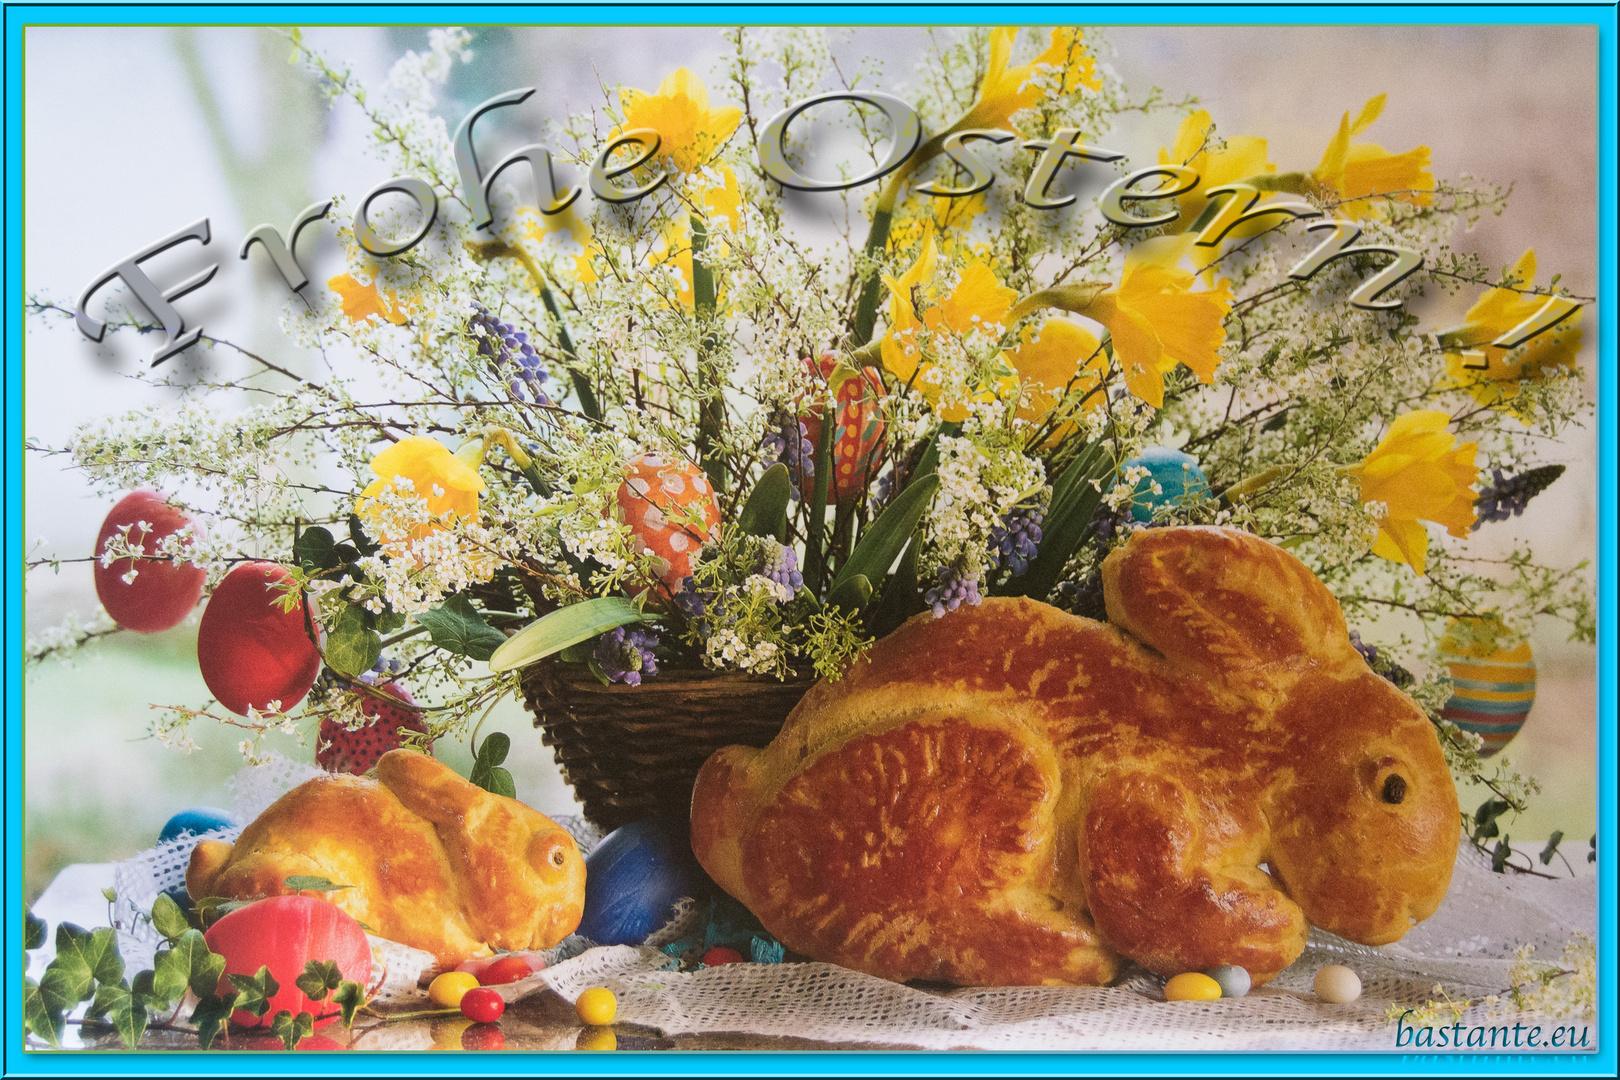 Felices Pascuas a todos ***FC***